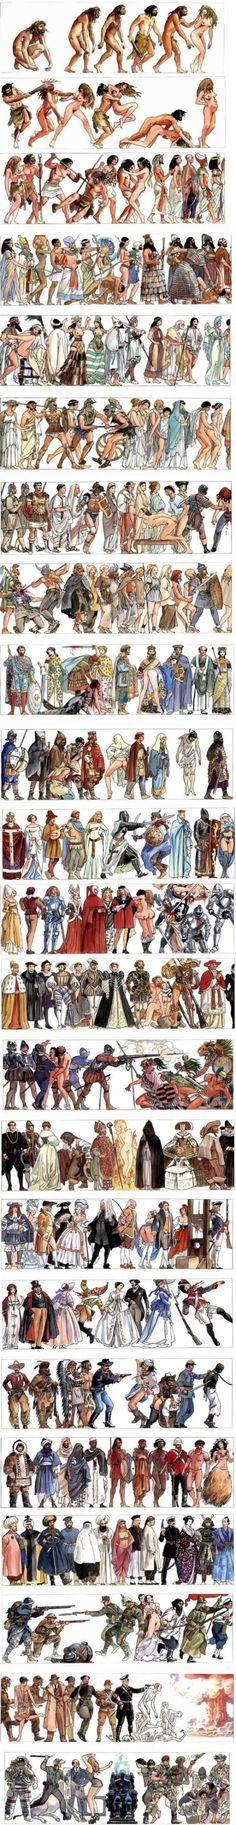 les uns et les autres.... les uns après les autres... le déroulement des siècles... History of man